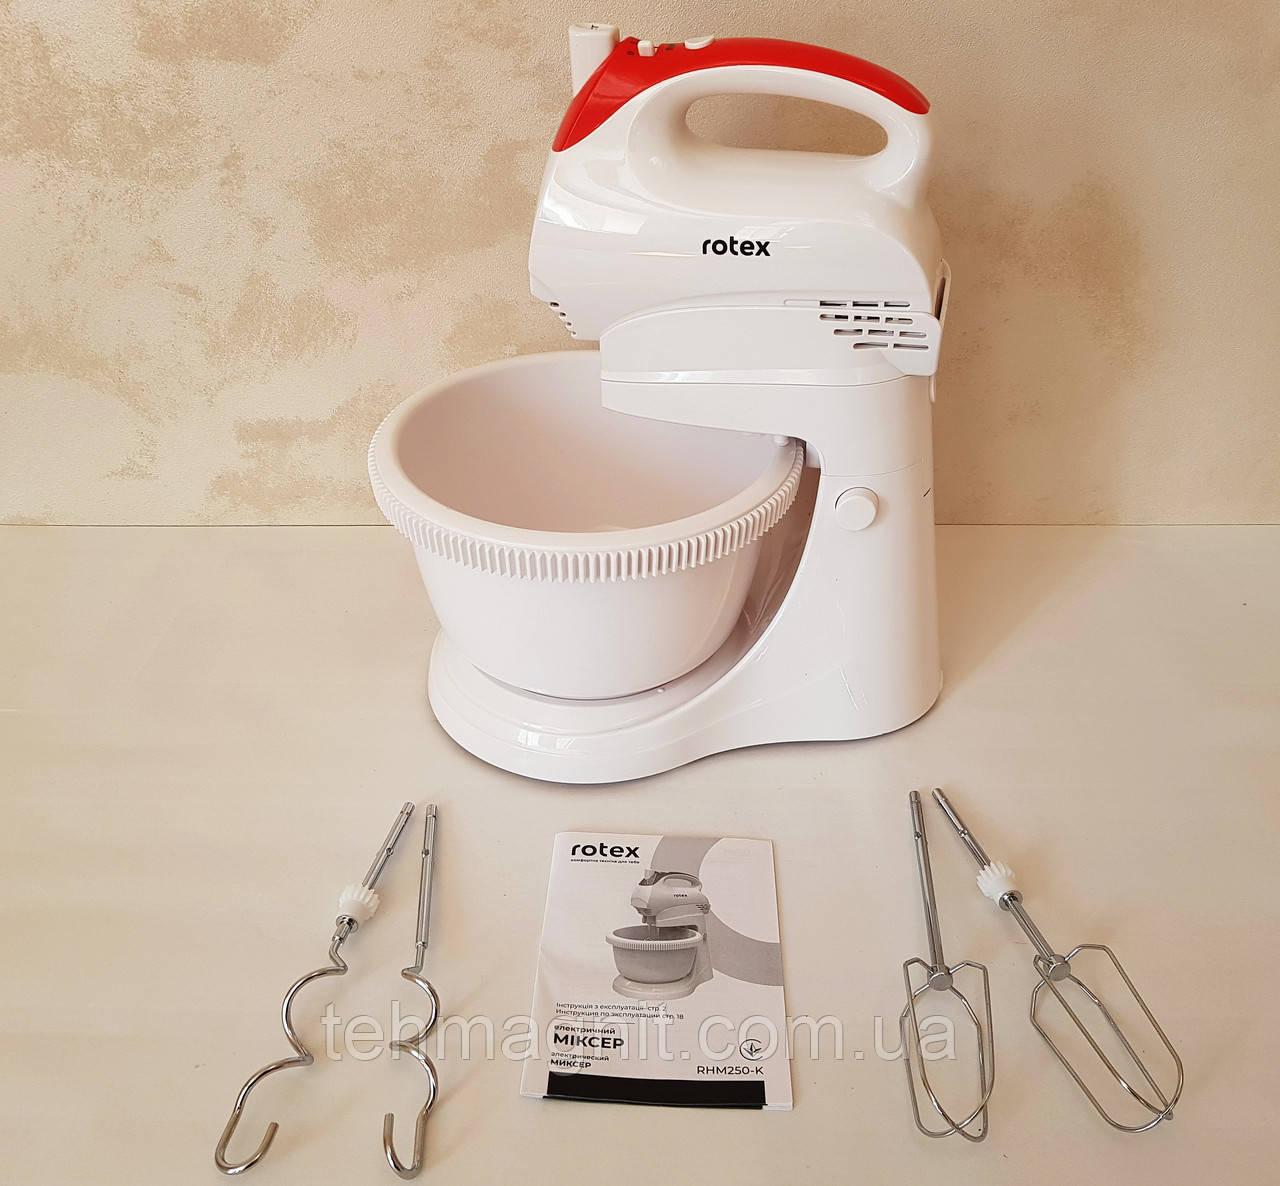 Миксер кухонный Rotex RHM250-K  вращающаяся чаша